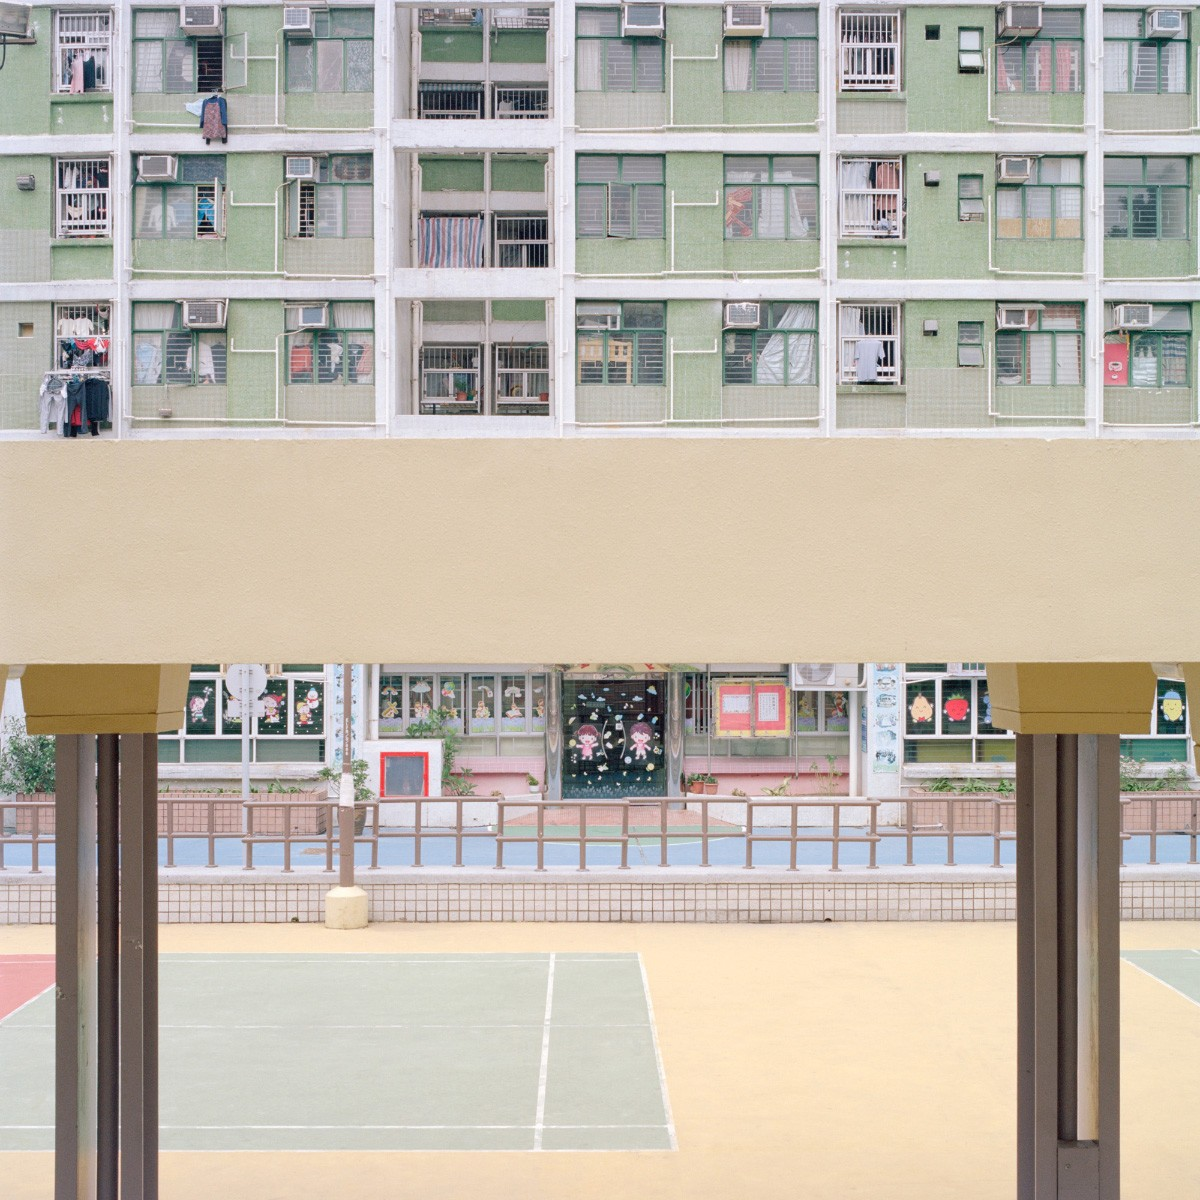 ward-roberts-courts-02.32-28e1e9a8949d7baf5fd7a695b72573e4